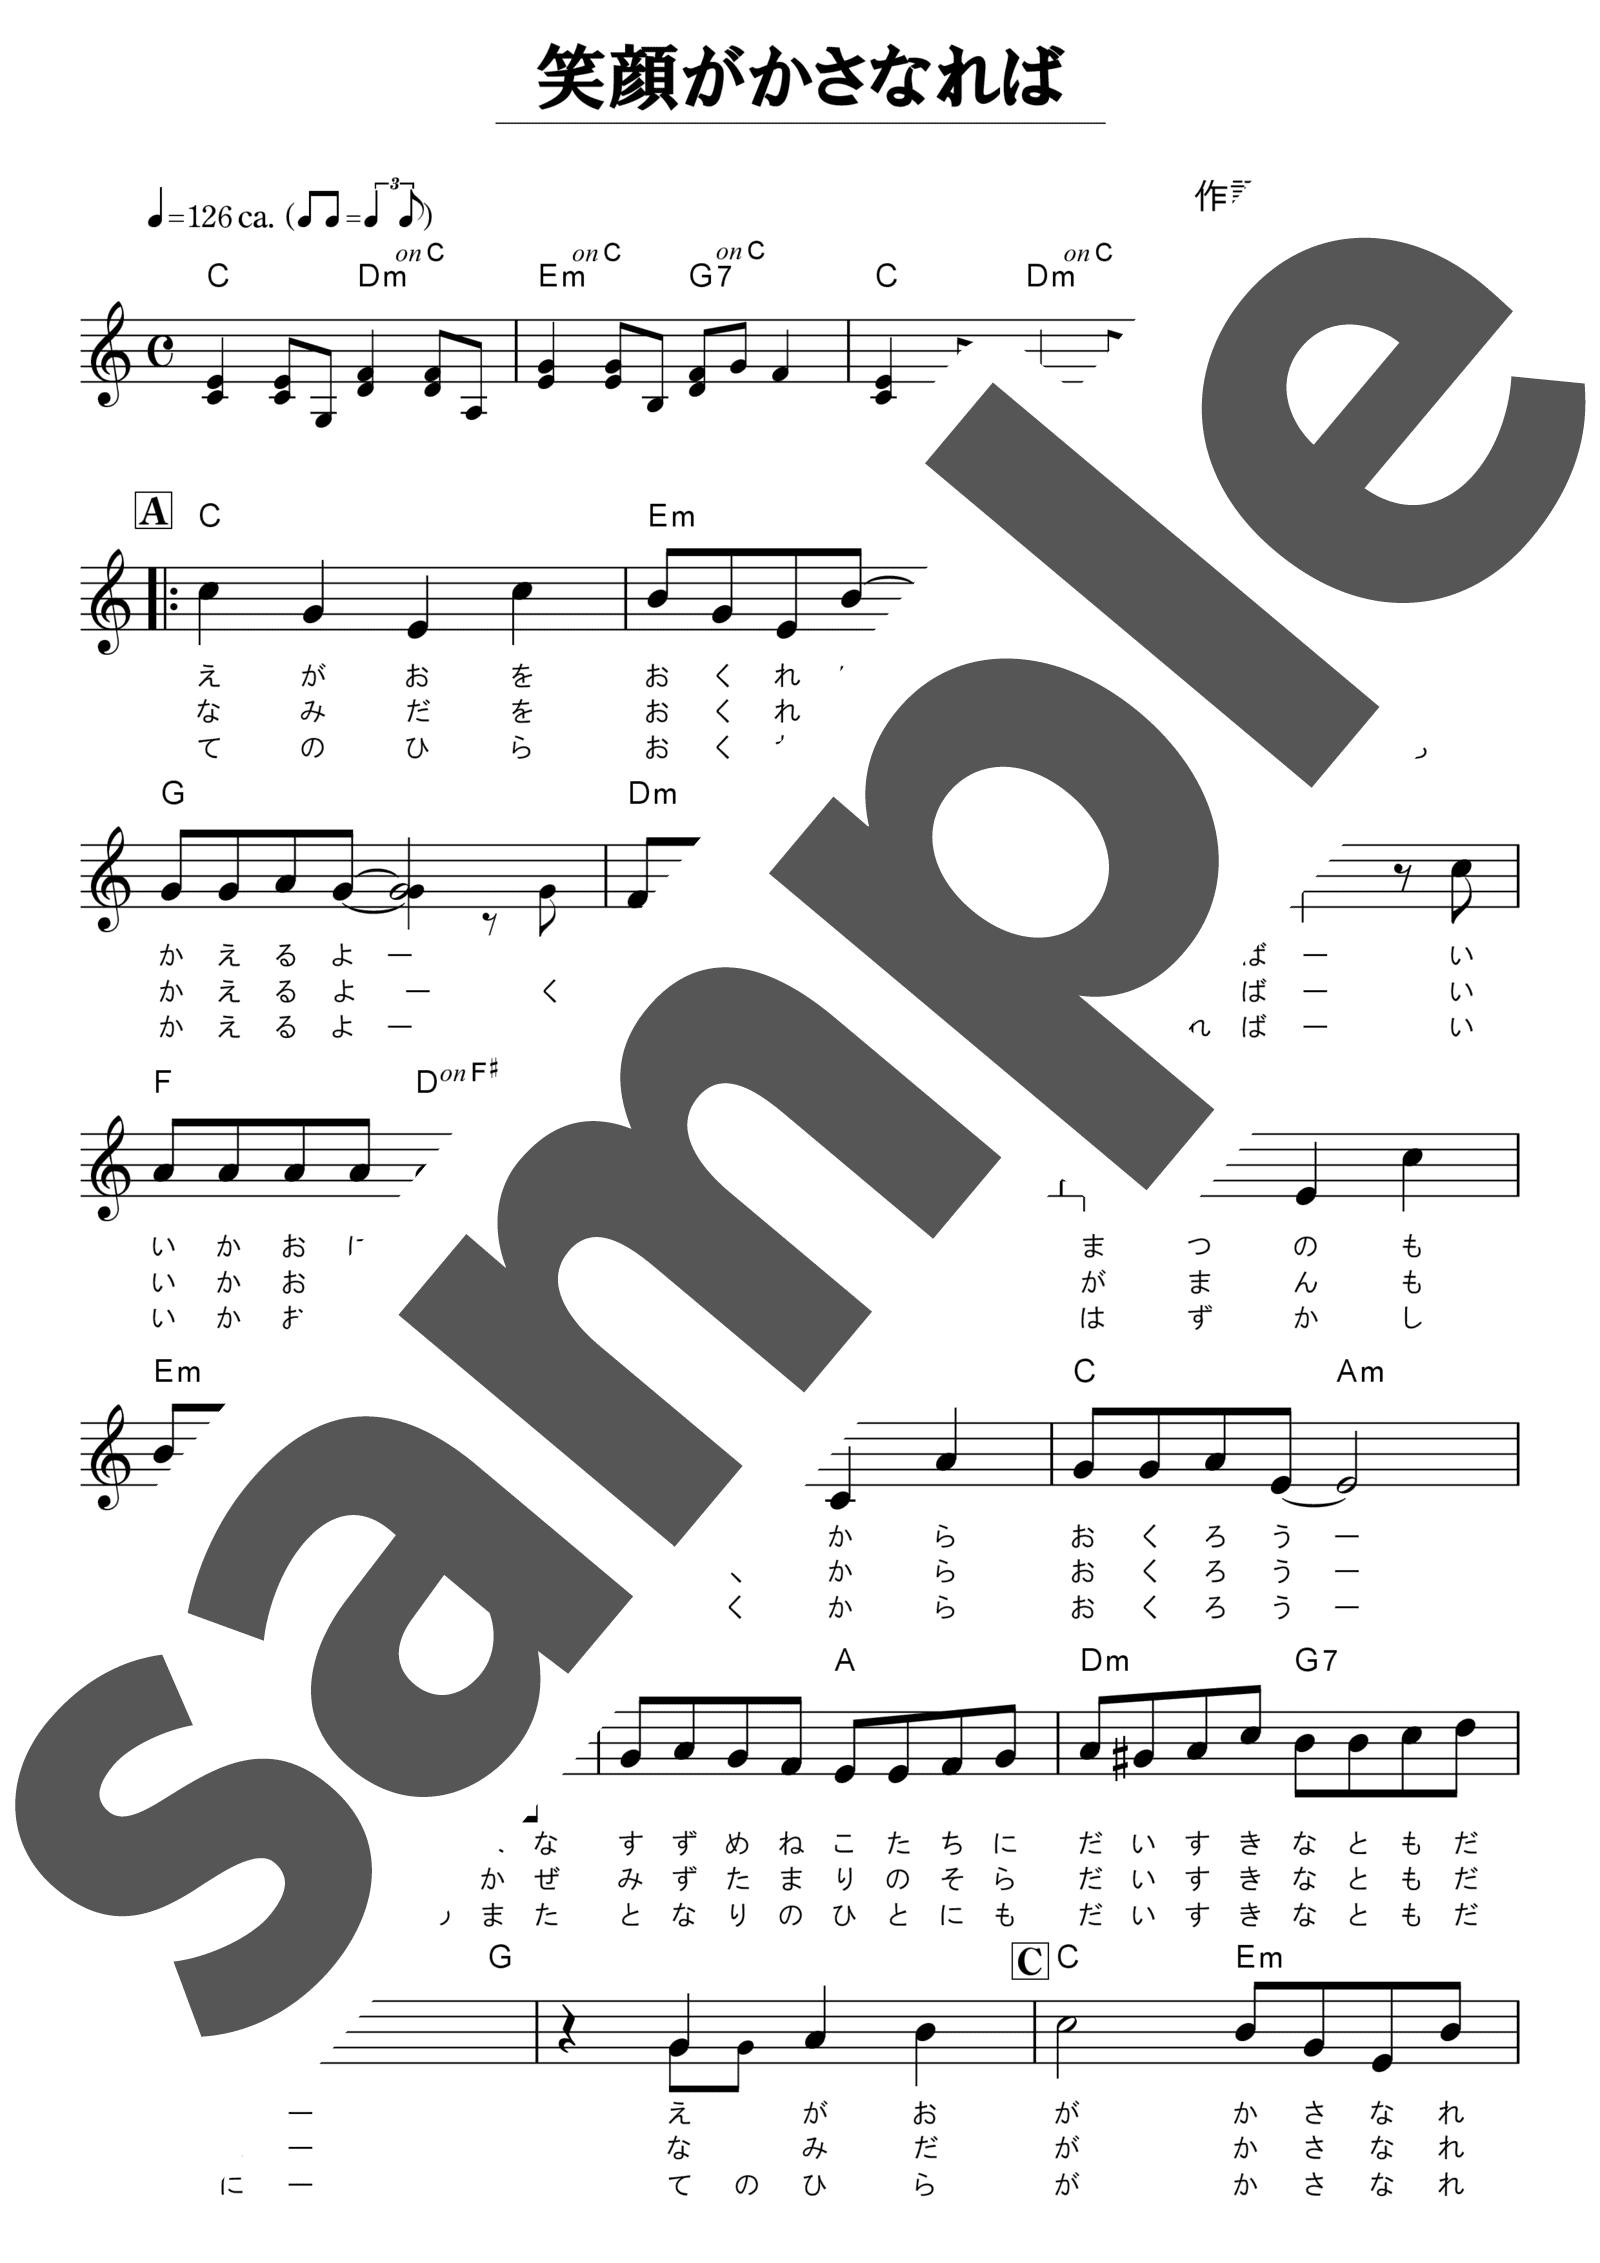 「笑顔がかさなれば」のサンプル楽譜